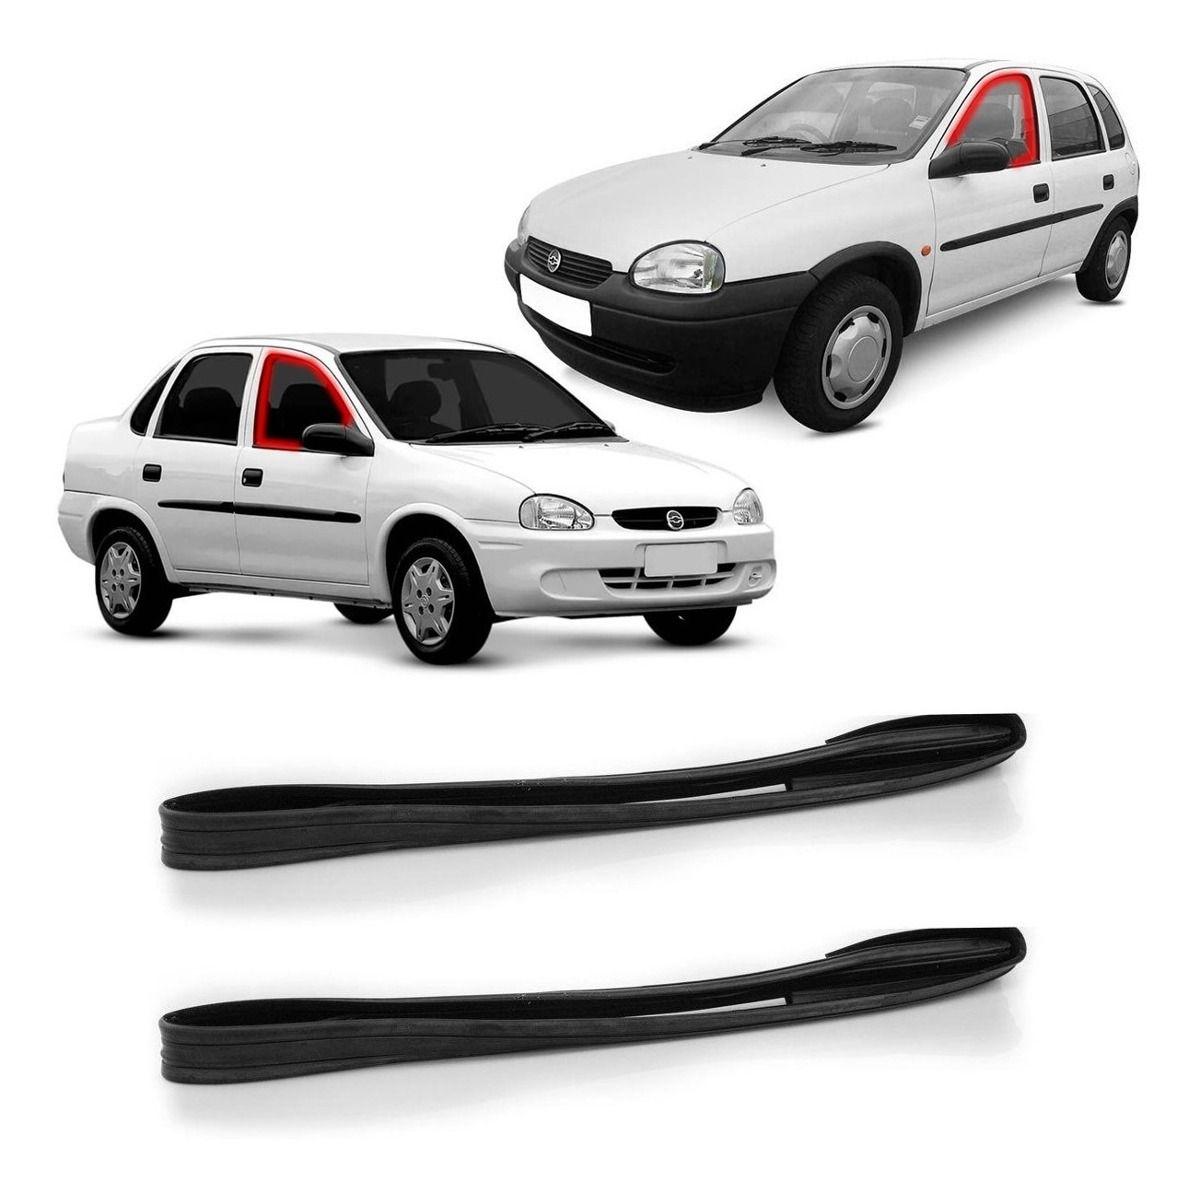 Borracha Canaleta Janela Porta Dianteira 4 Portas Corsa Hatch Sedan Wagon 94 a 02